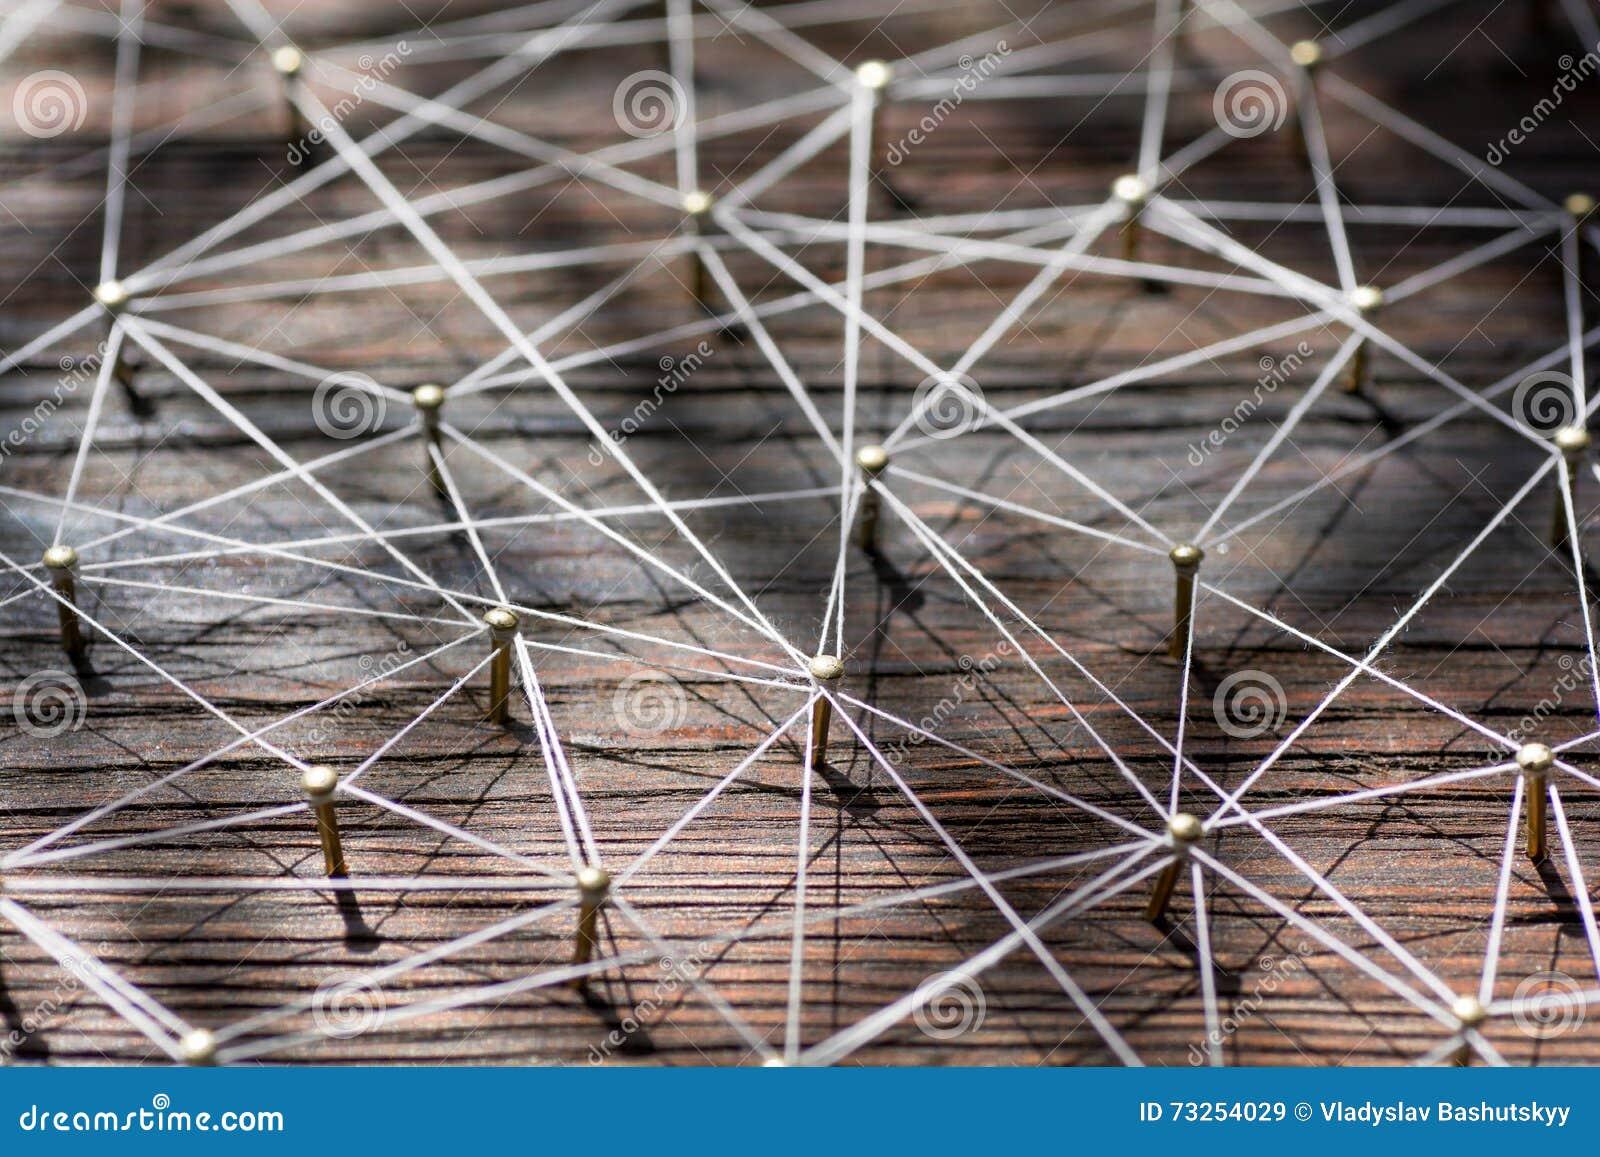 Verbindung von Wesen Netz, Vernetzung, Social Media, Internet-Kommunikationszusammenfassung Ein kleines angeschlossen an größeres